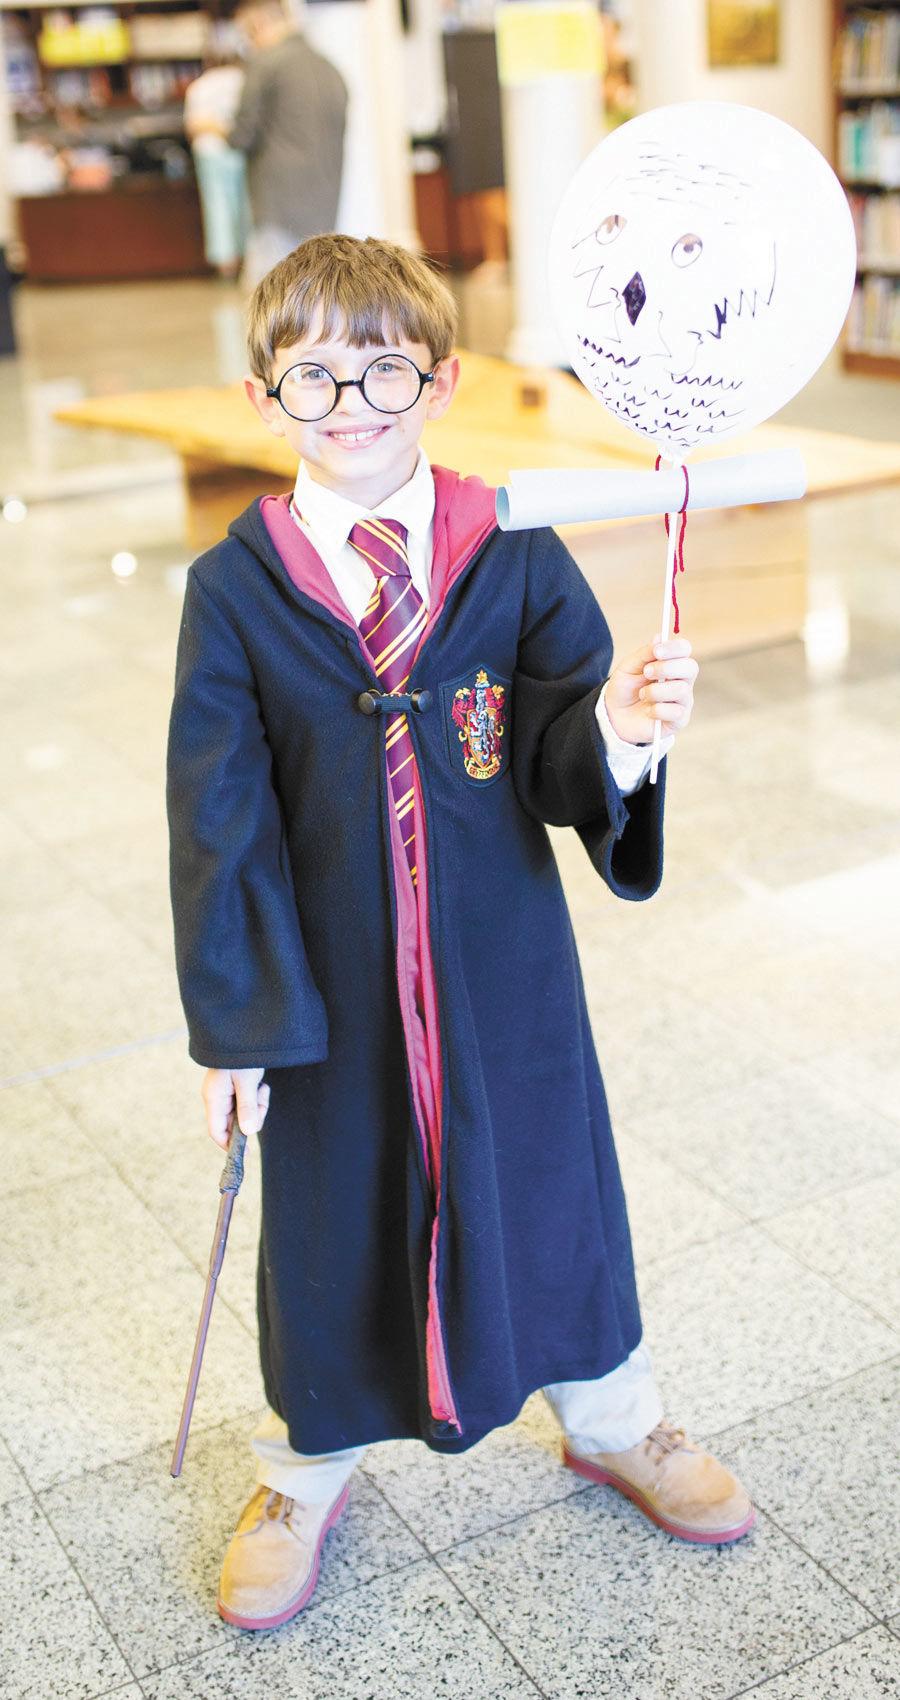 Harry's Magic